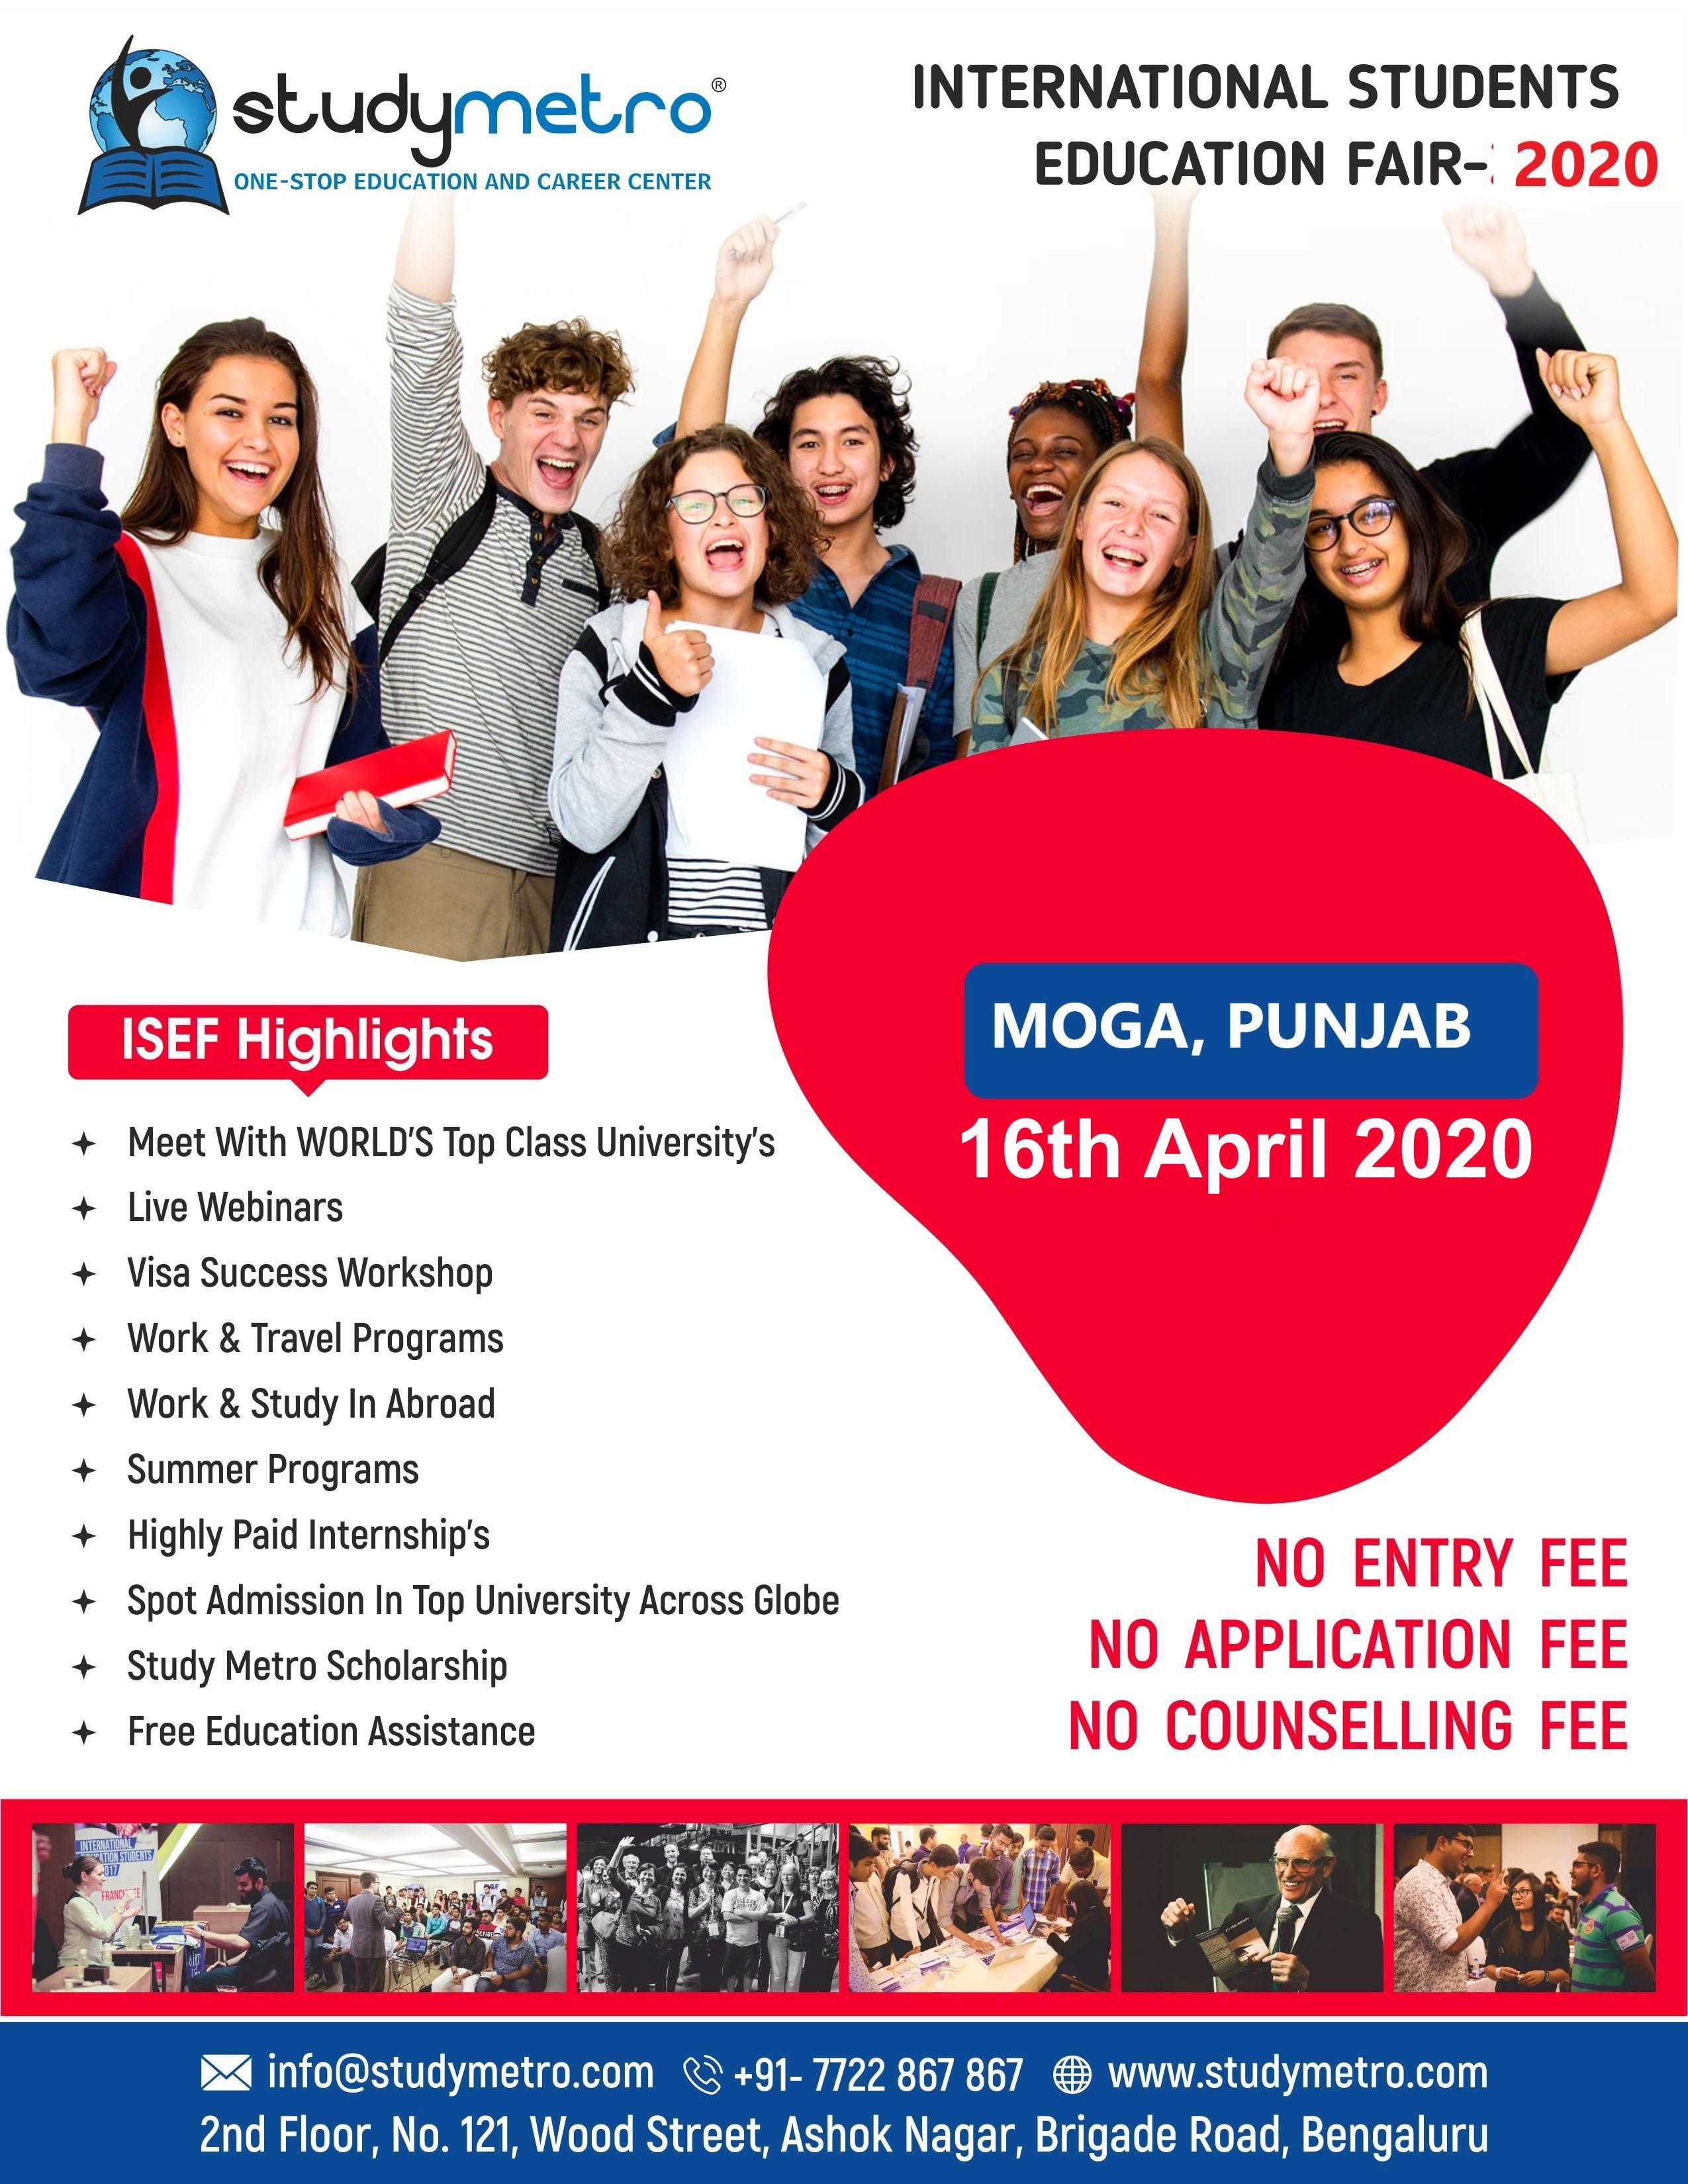 Fair February 09 2020.International Students Education Fair April 2020 Moga